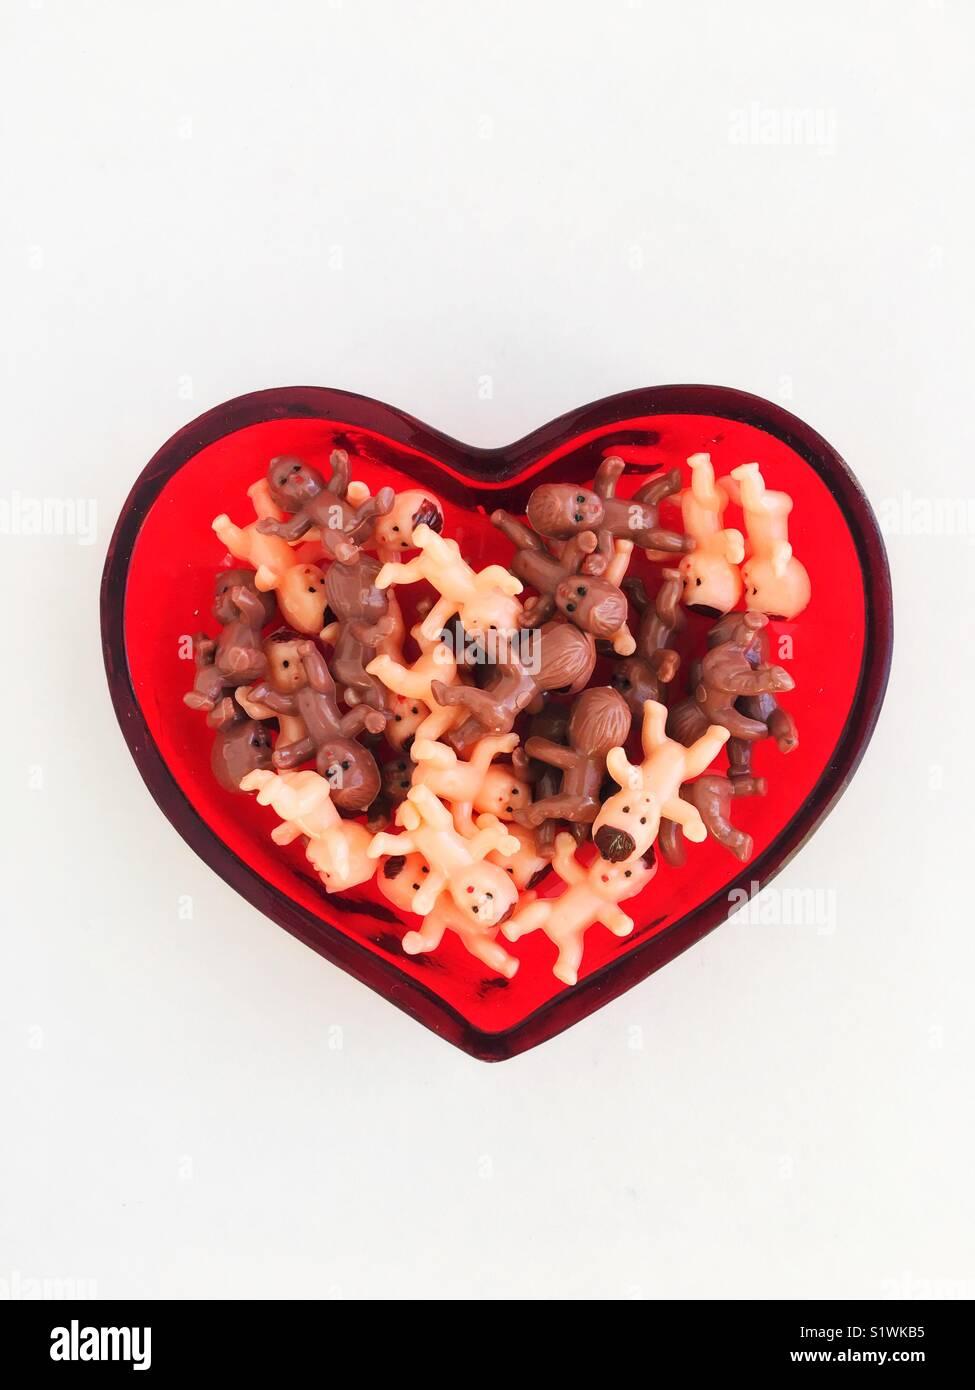 Petites Poupées en plastique dans un plat en forme de coeur. Photo Stock